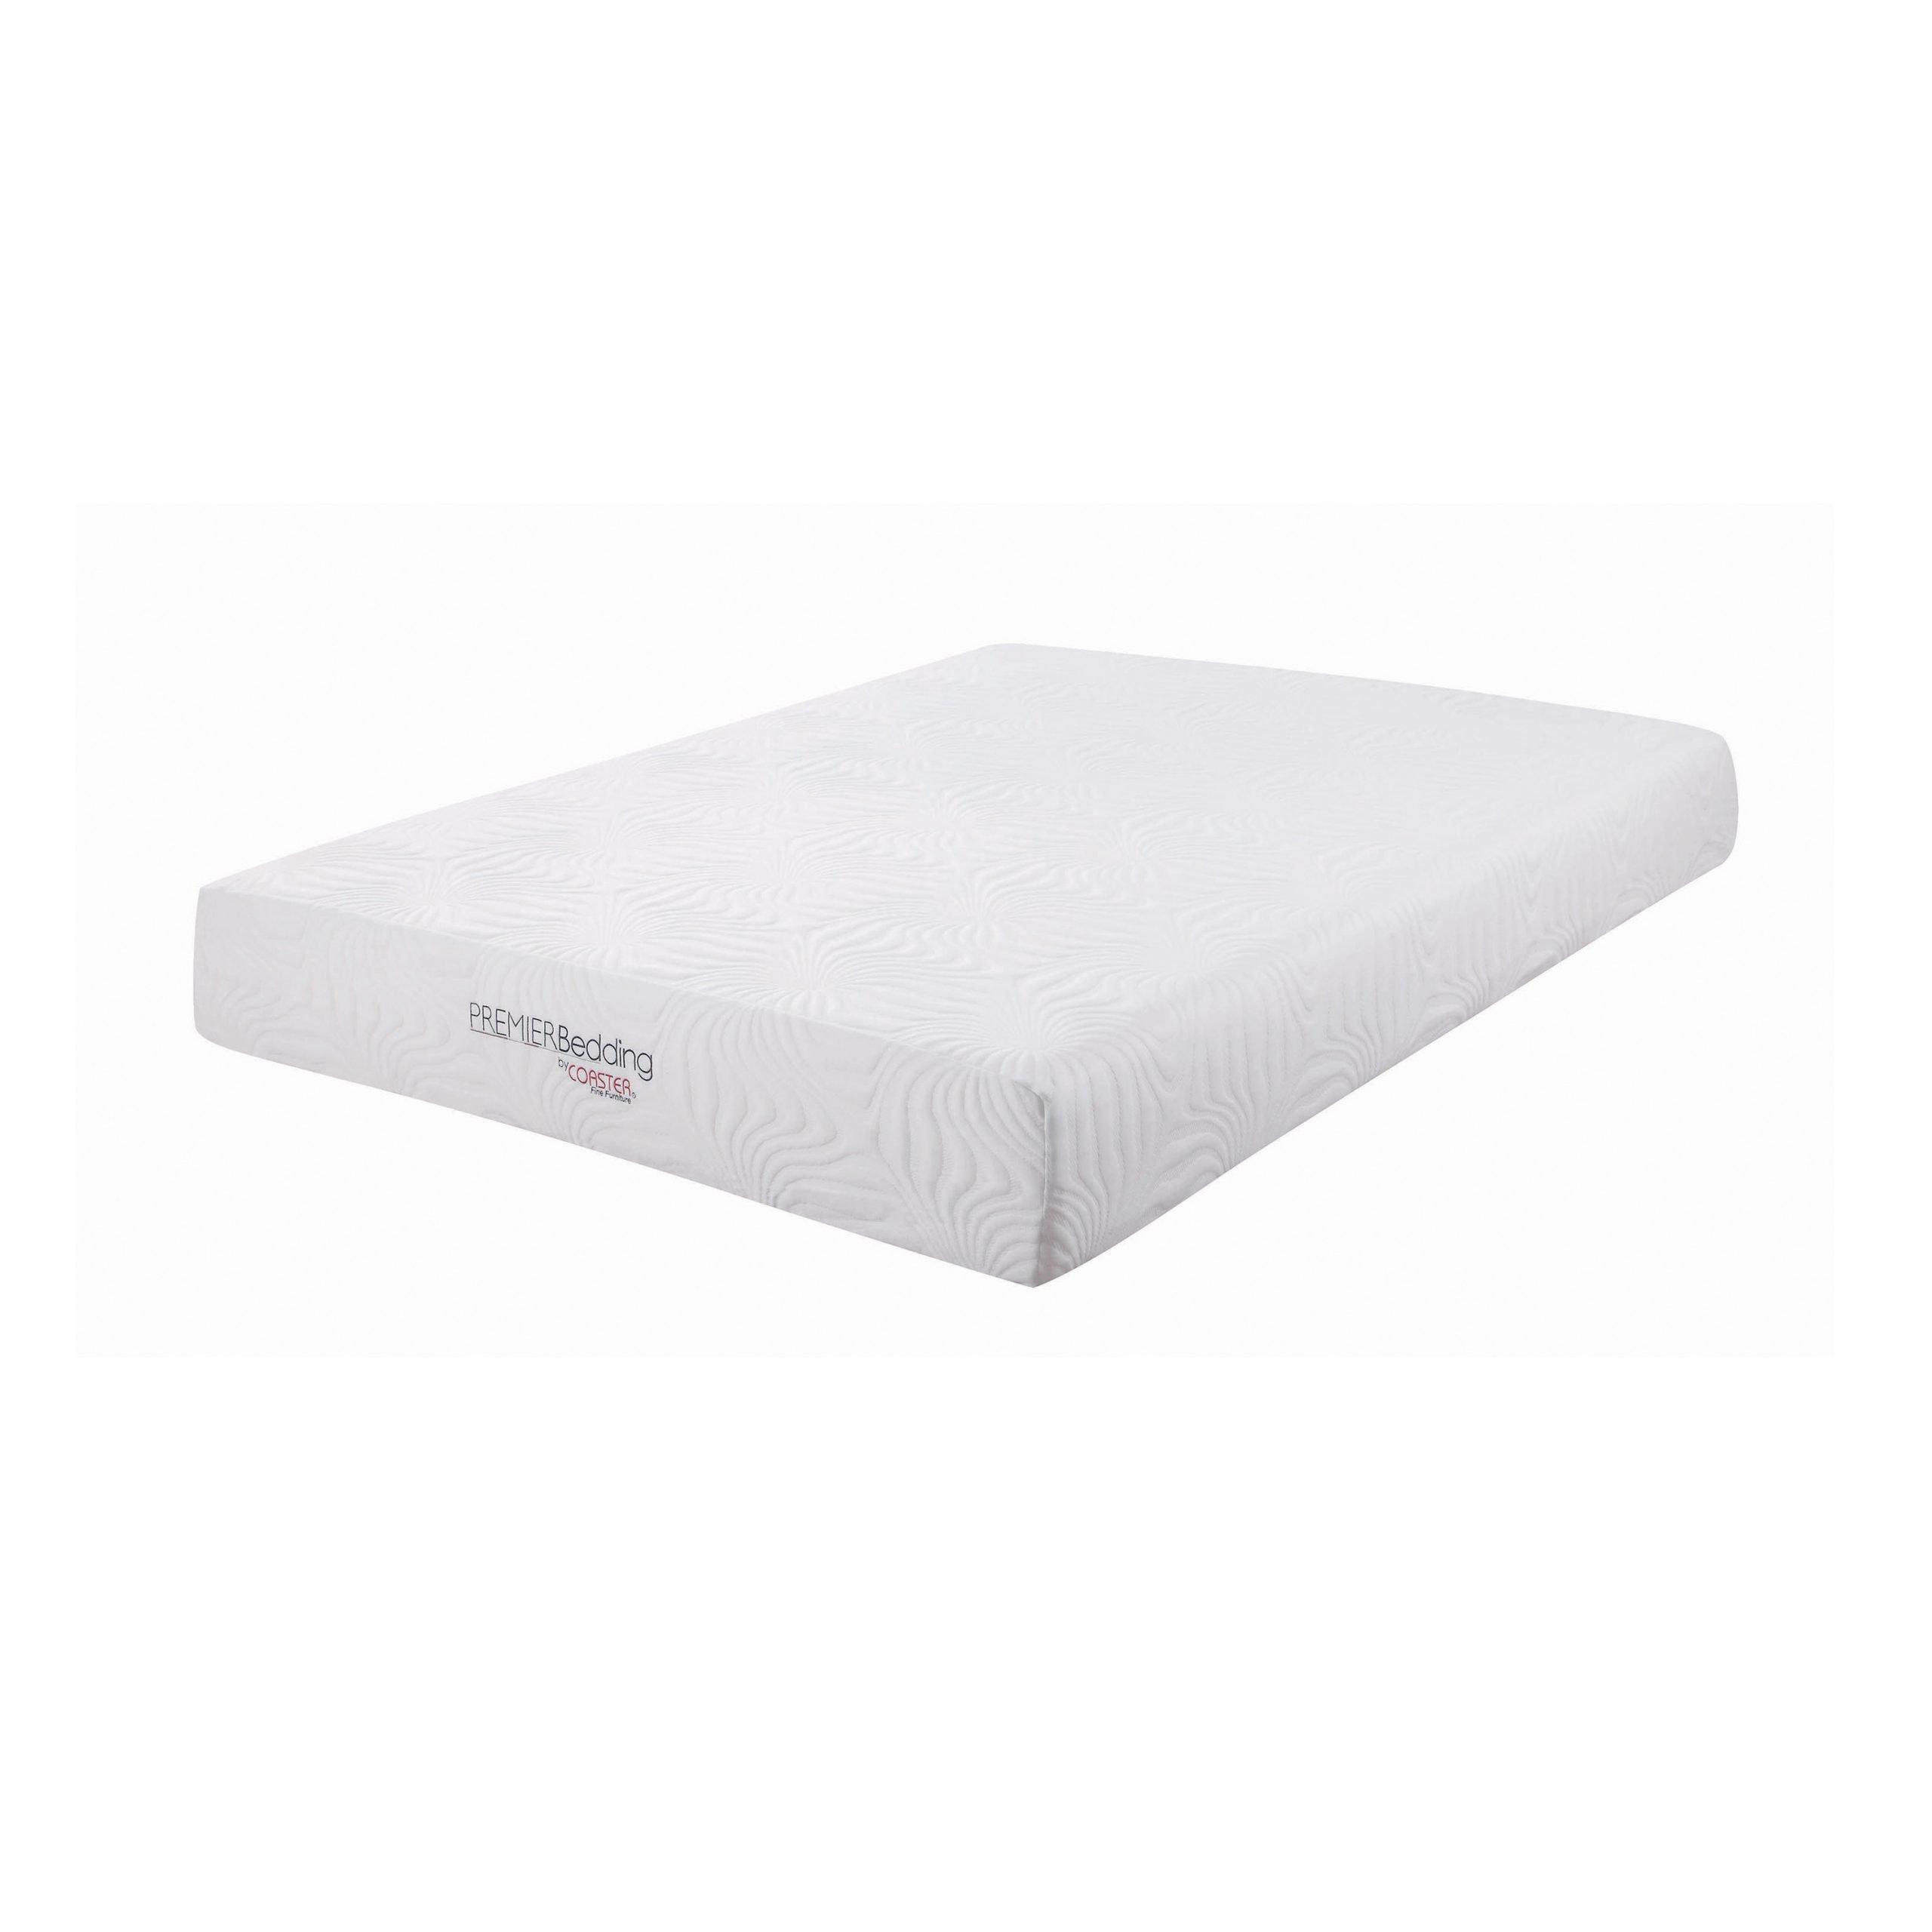 350064KE_1 key memory foam coaster mattress